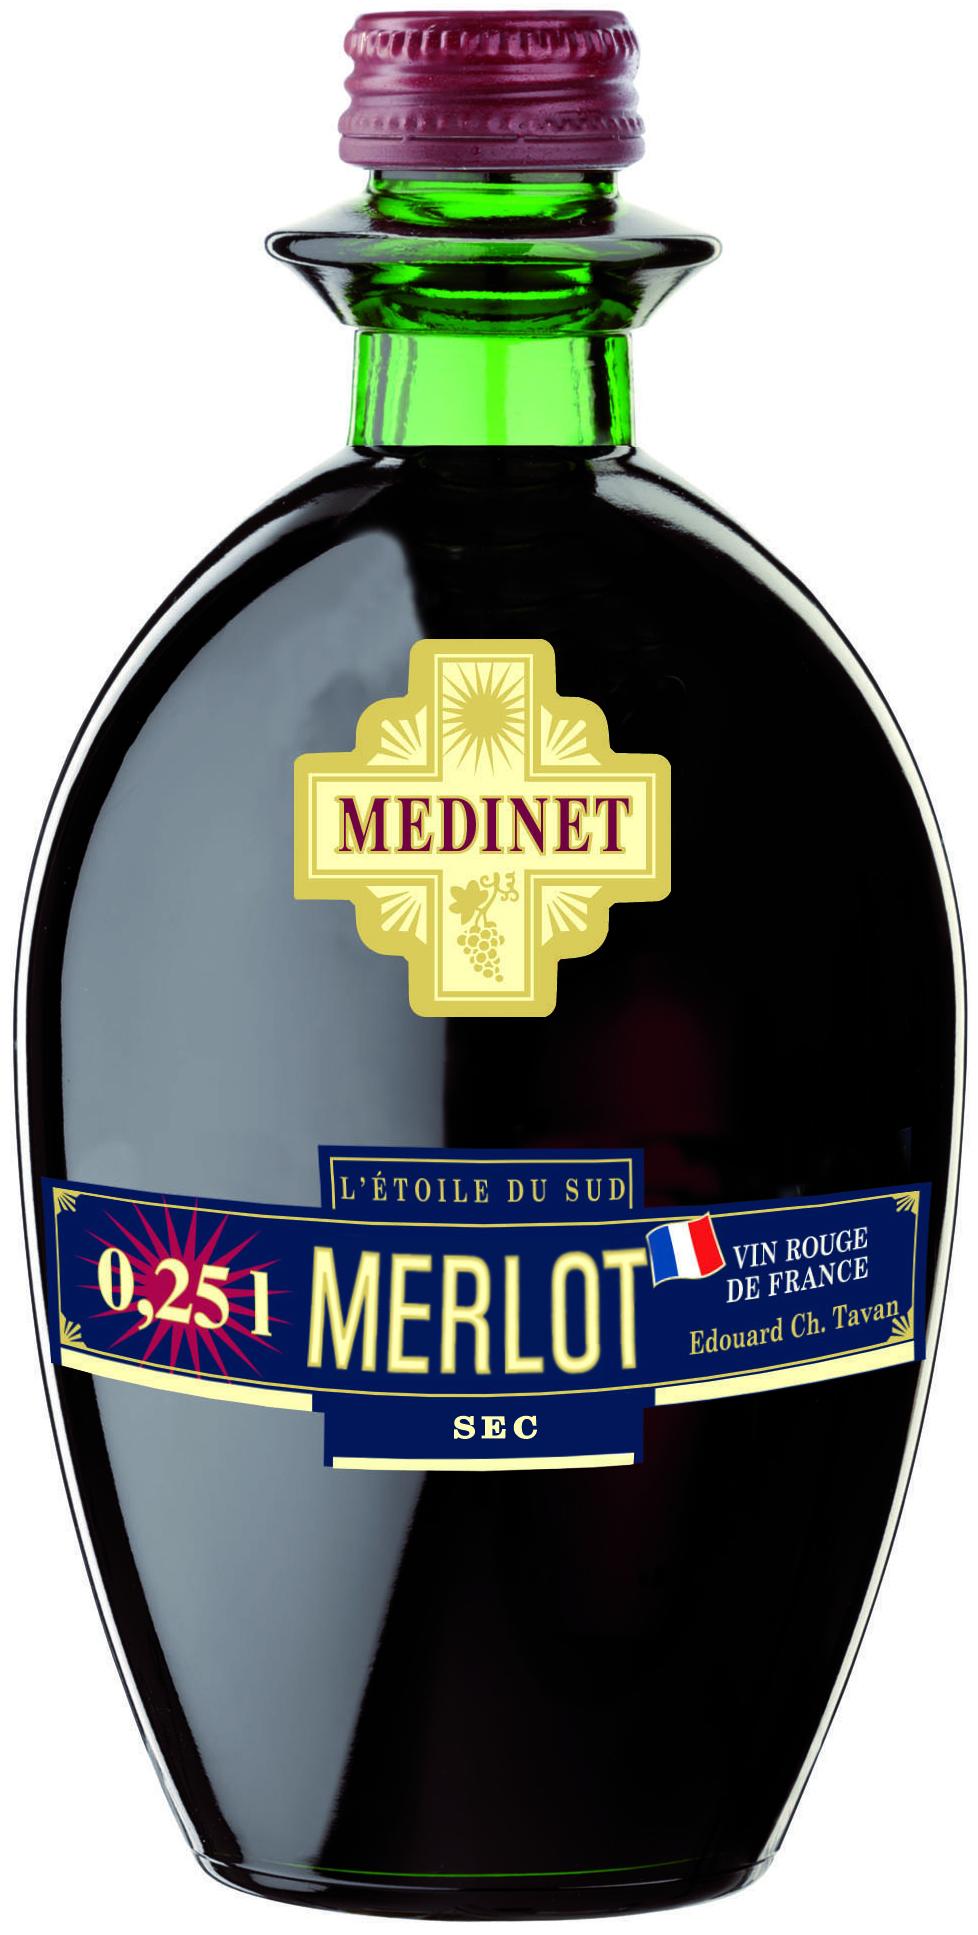 bottle_Medinet_Merlot_0,25l.jpg